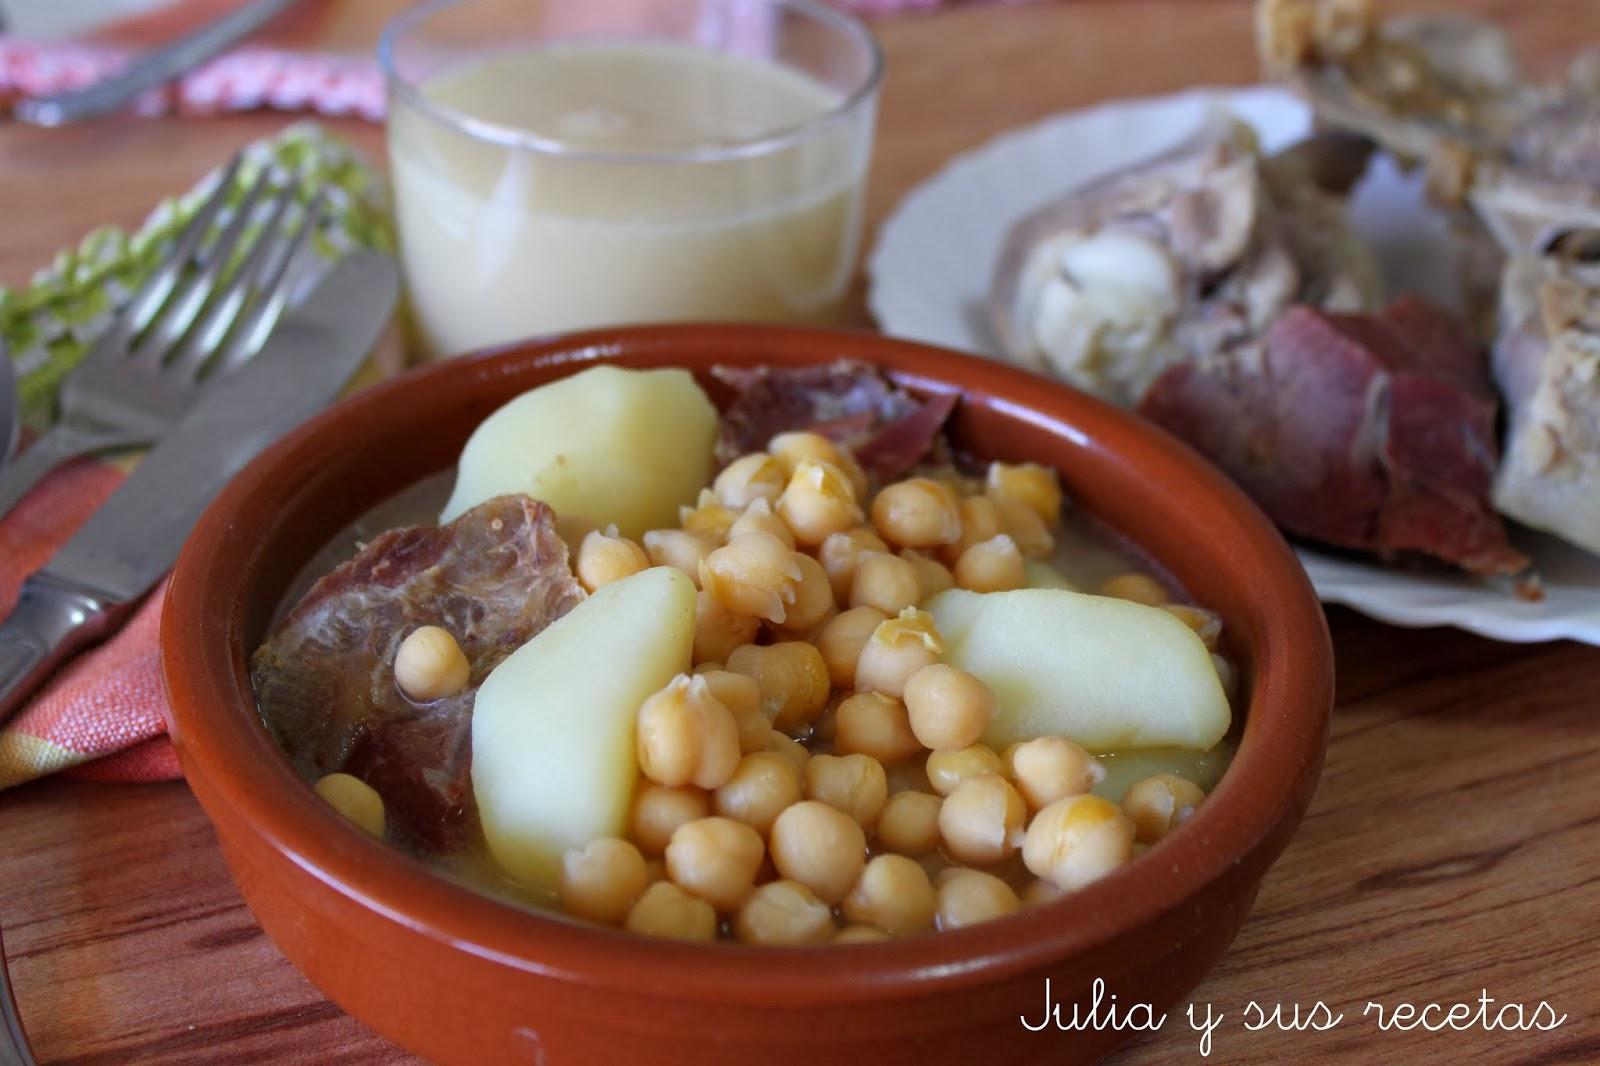 Julia y sus recetas cocido cl sico light en olla r pida - Patatas en olla rapida ...